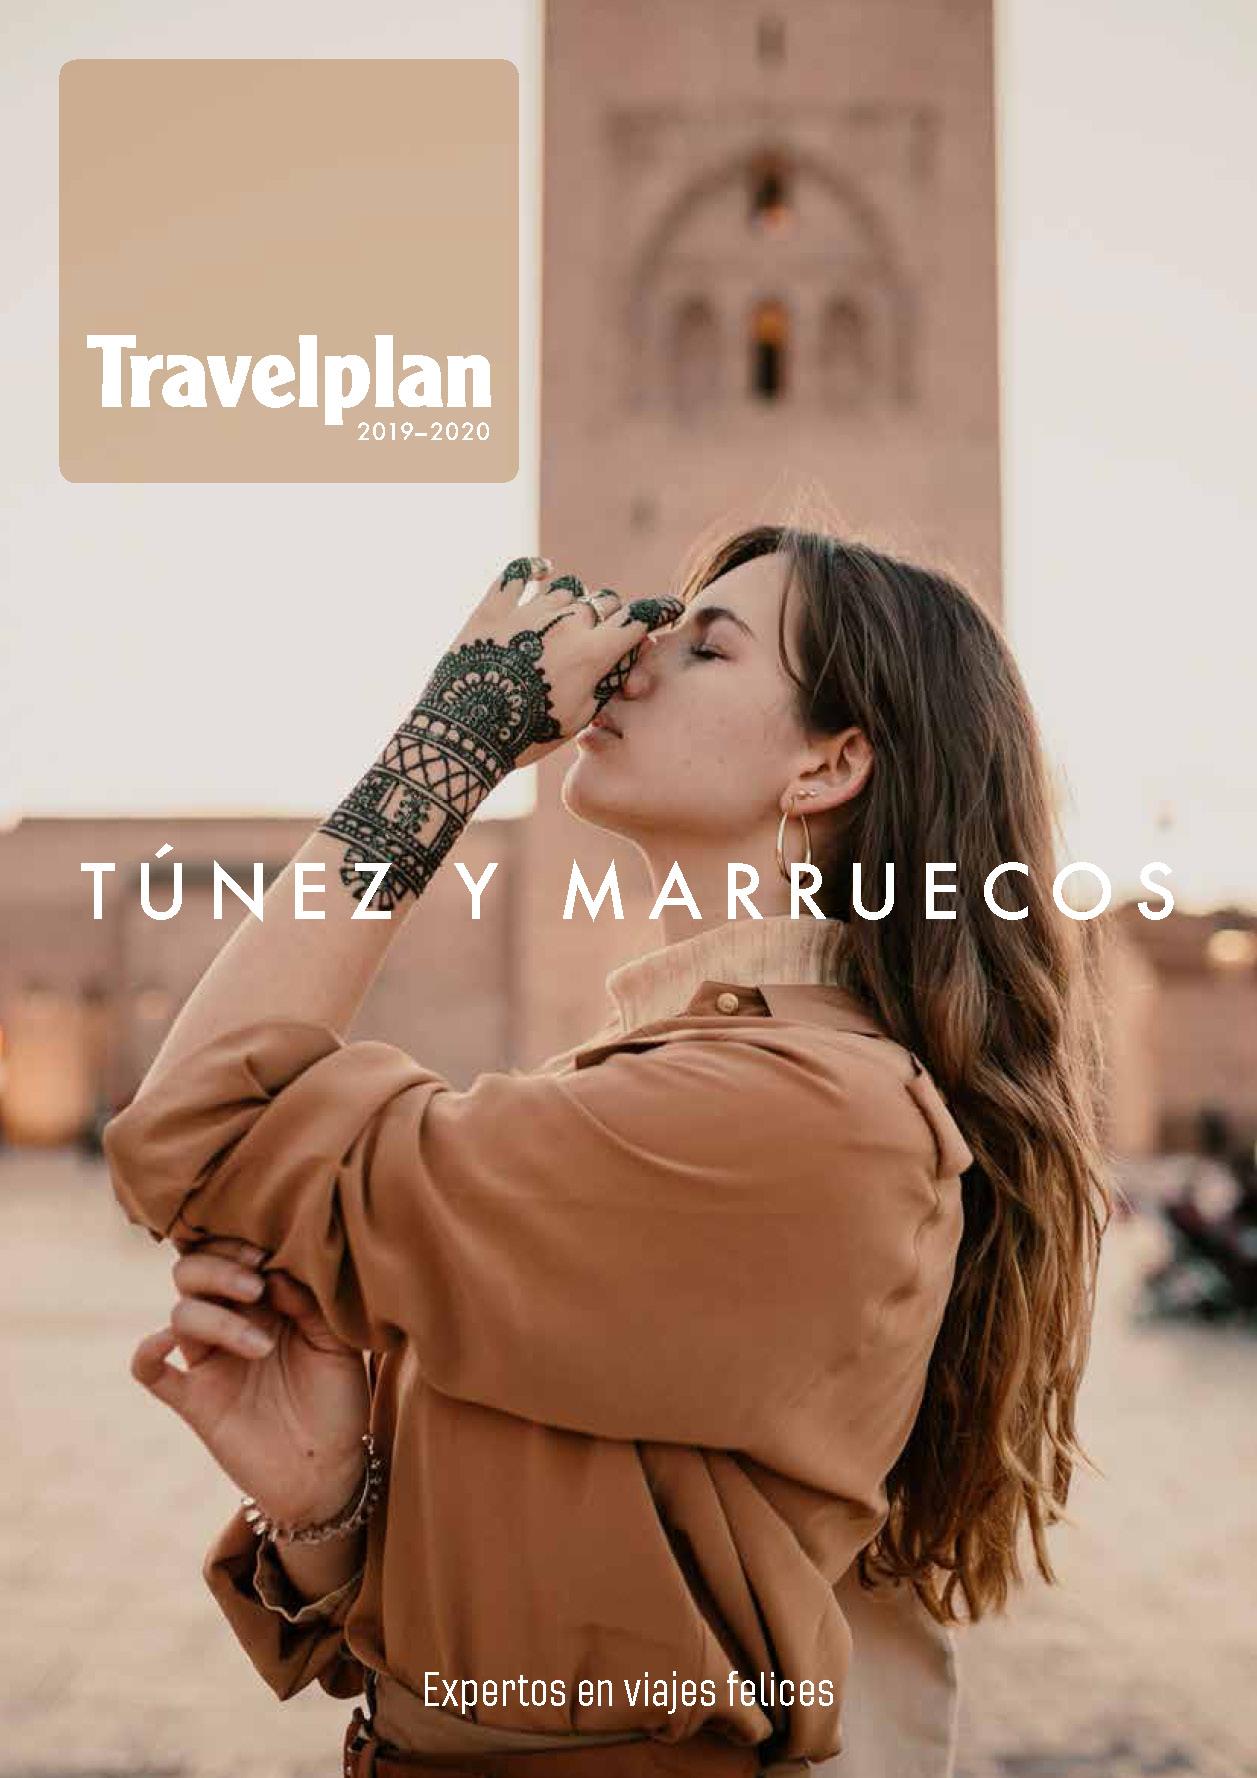 Catalogo Travelplan Tunez y Marruecos 2019-2020